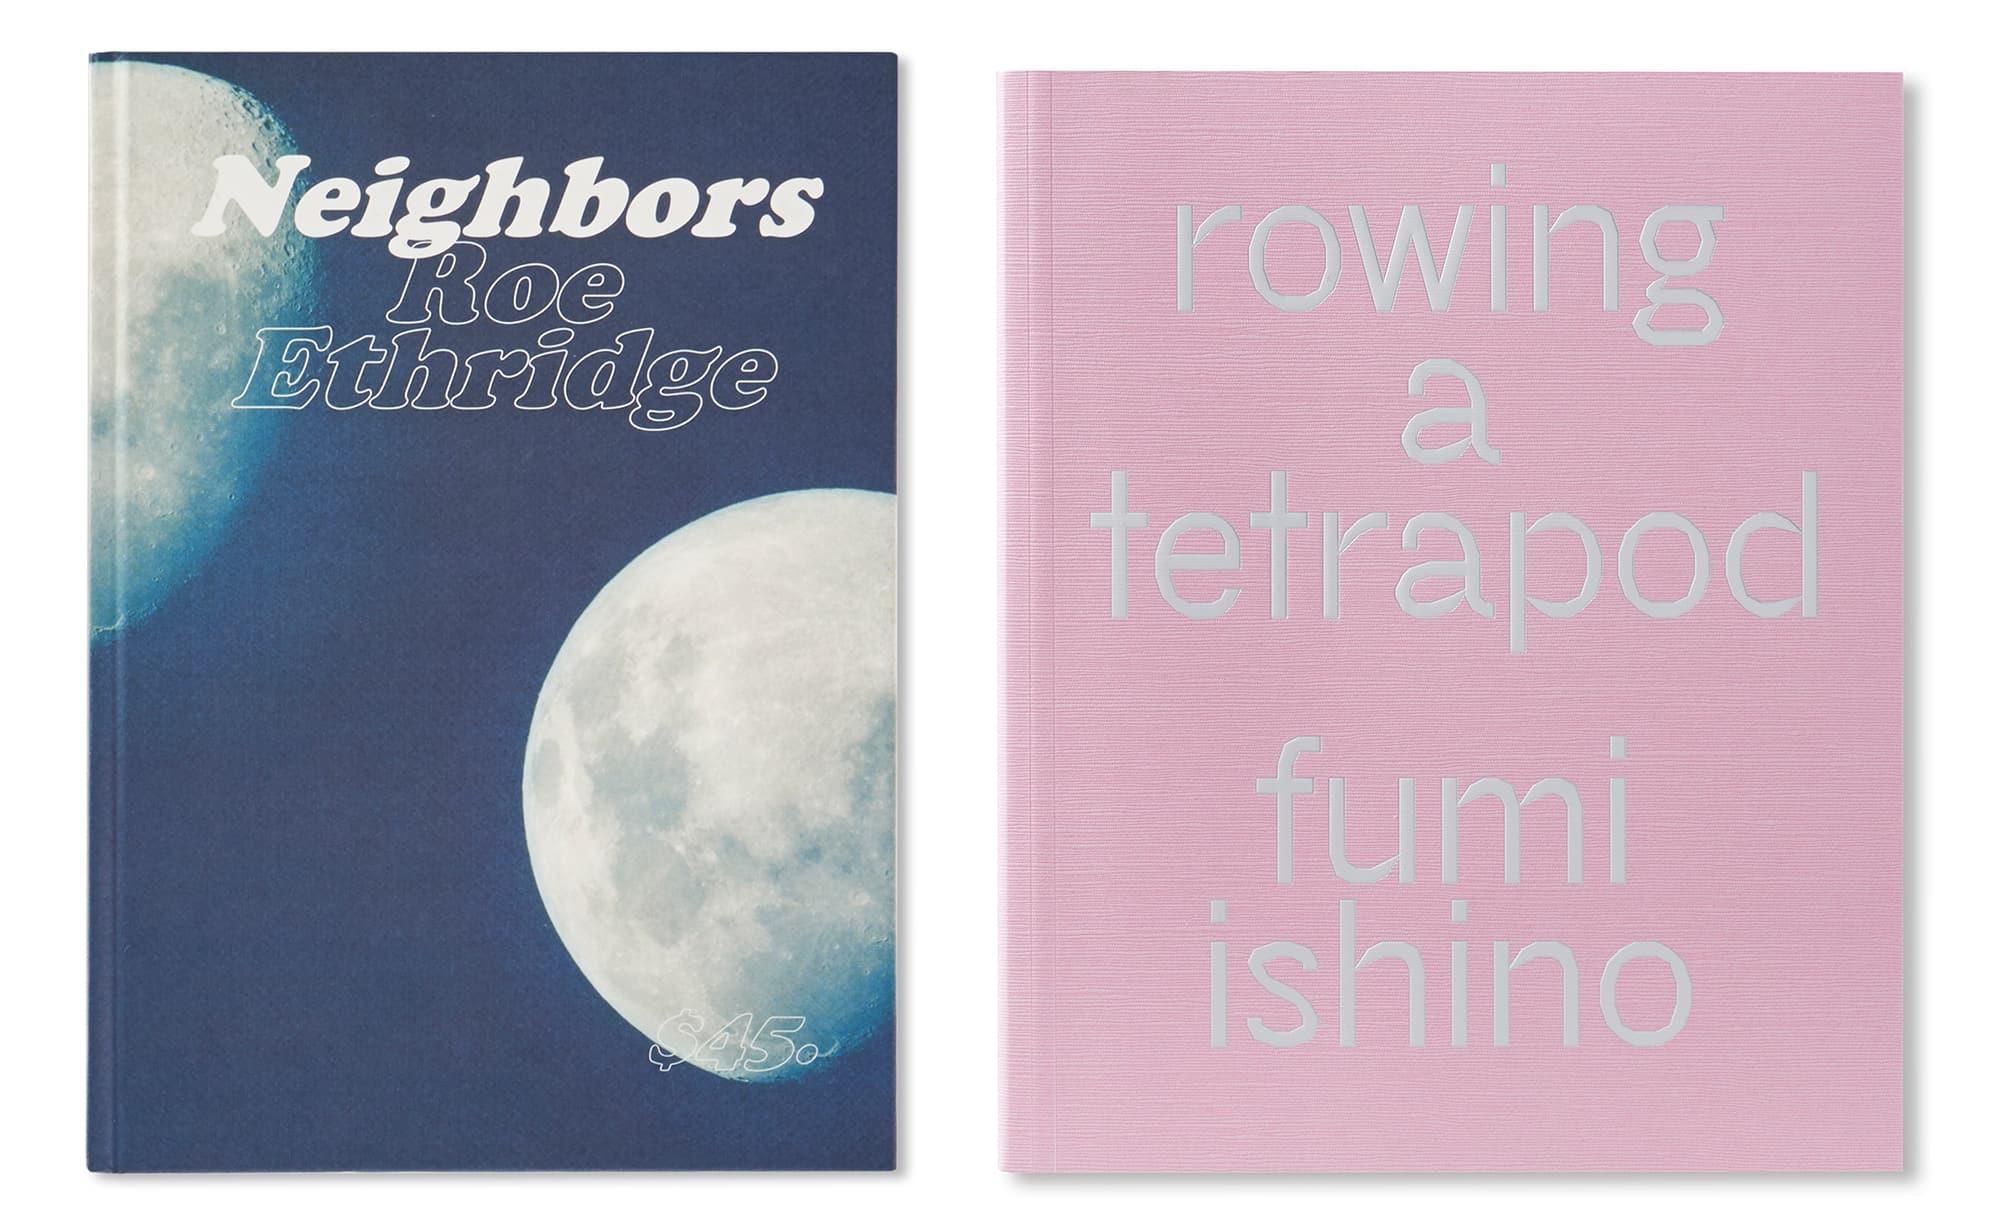 ロー・エスリッジ×⽯野郁和「意図を超えたときに写るもの」 | イギリスの出版社MACKより昨年刊行されたRoe Ethridge『Neighbors』と、今年9月に刊行された石野郁和『Rowing a Tetrapod』